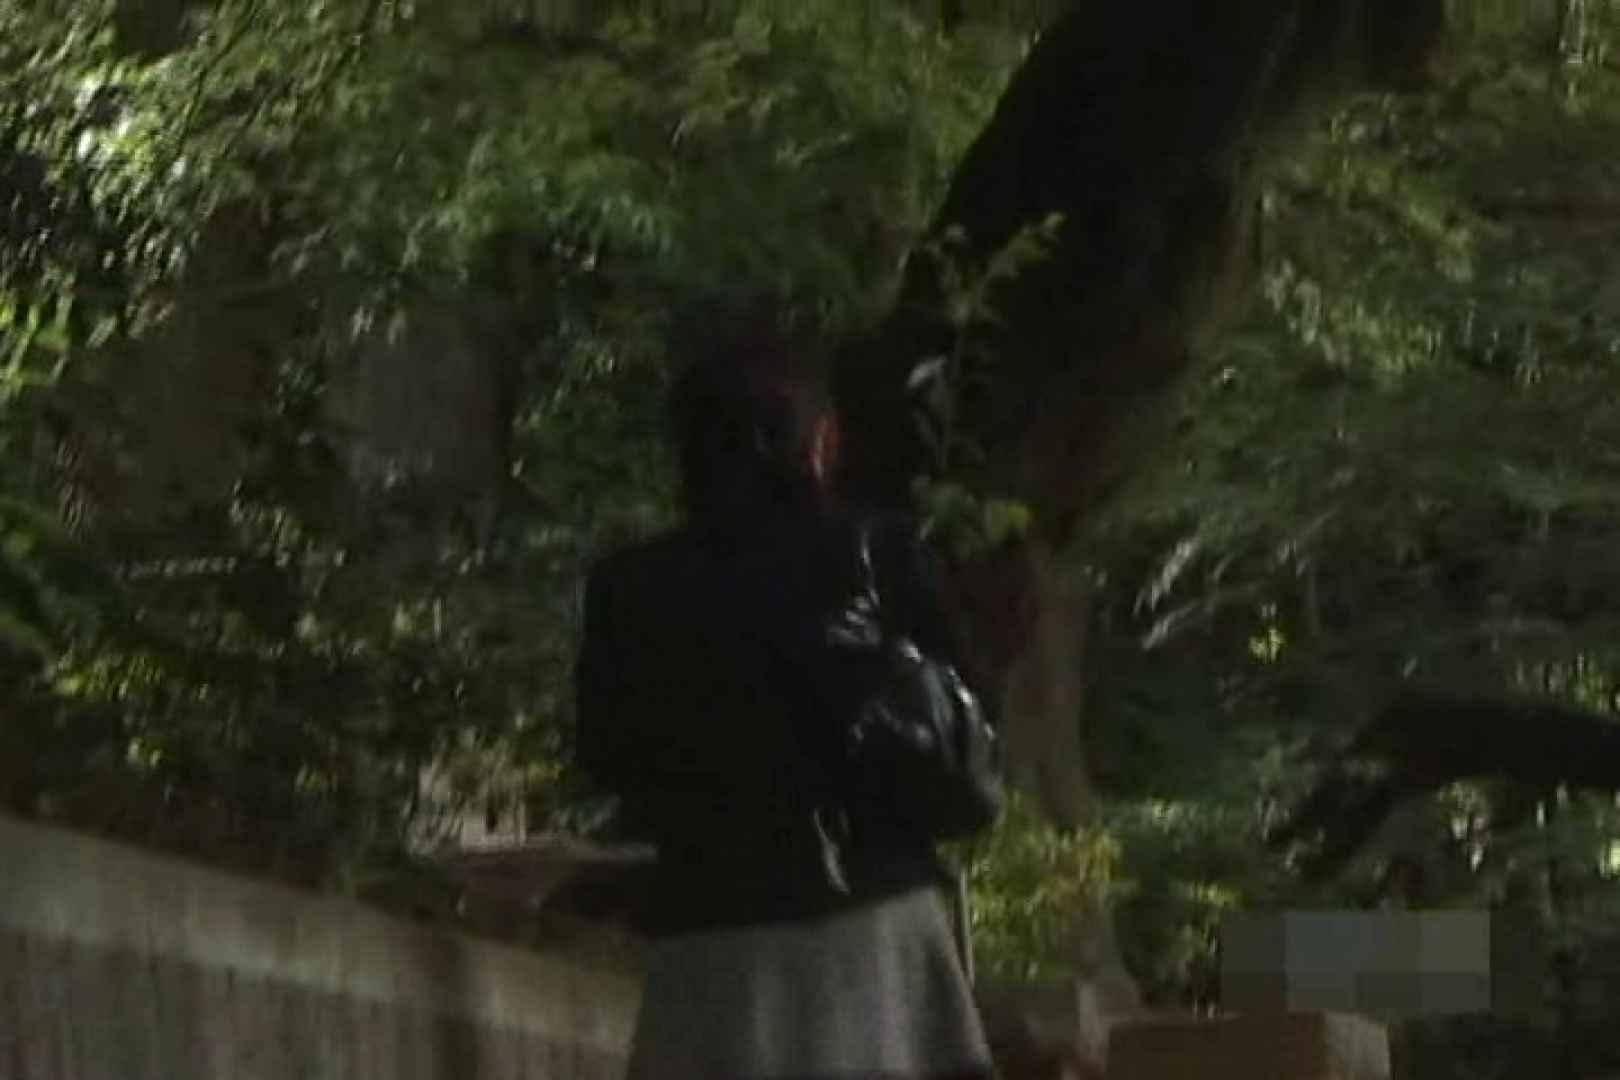 検証!隠し撮りスカートめくり!!Vol.6 ミニスカート SEX無修正画像 77pic 38